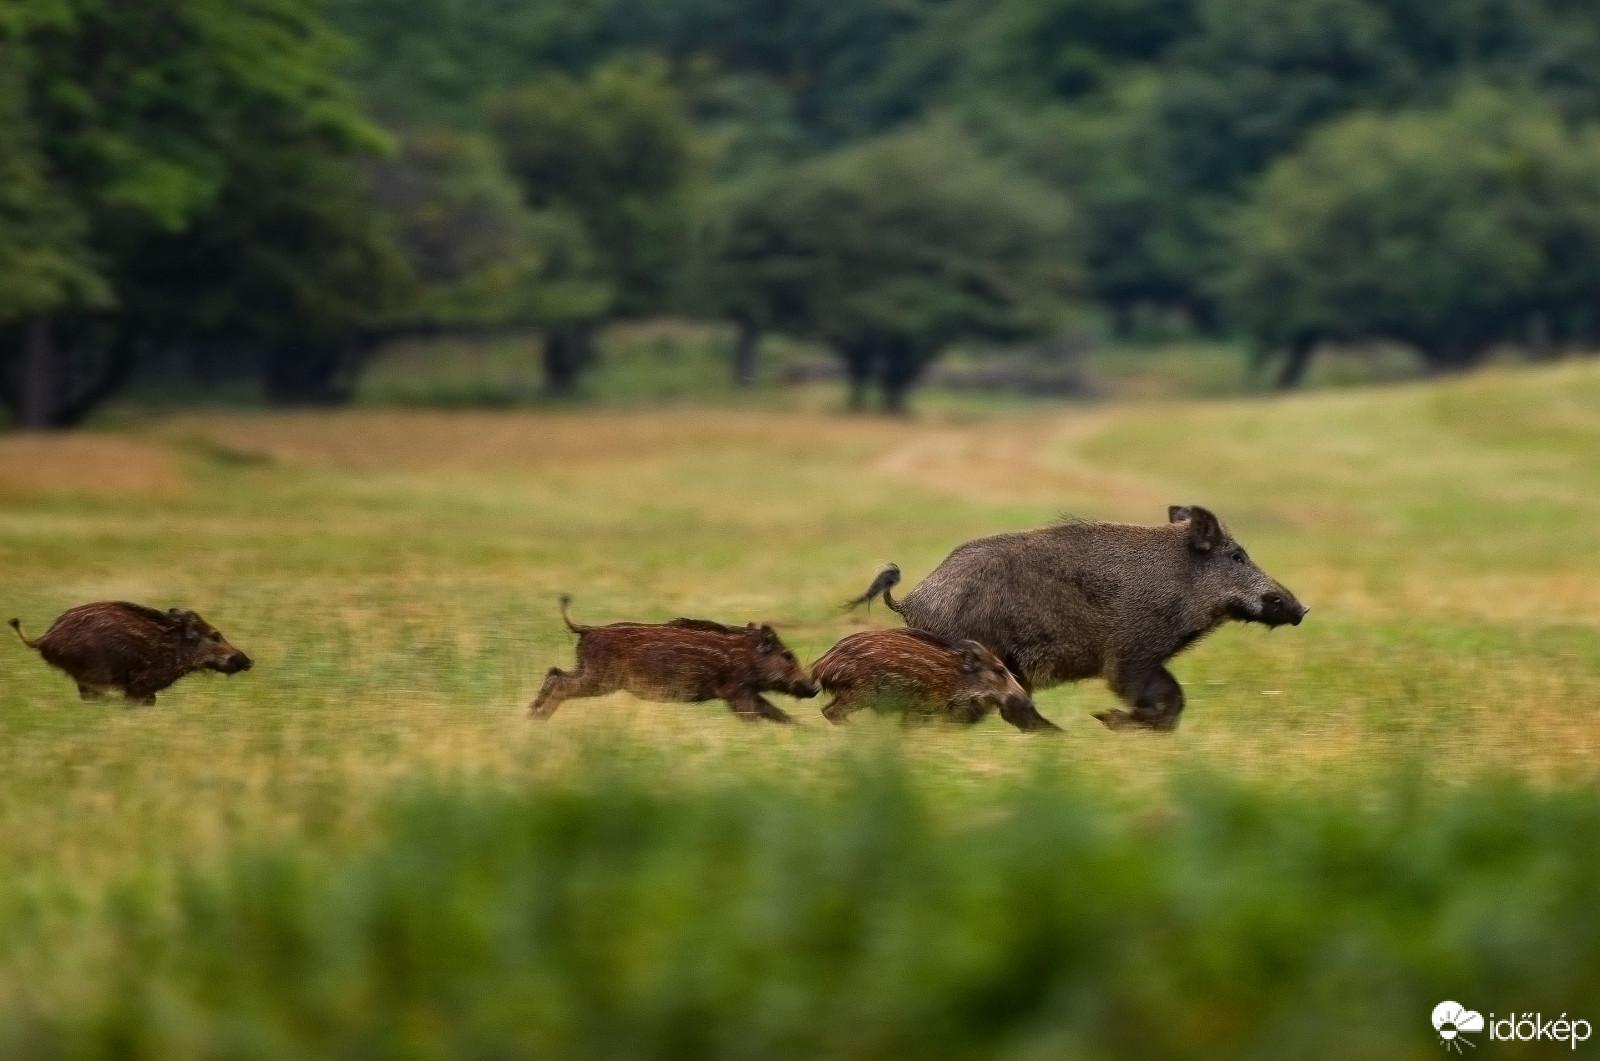 Vigyázzunk a vadmalacokra! – kérik a vadászok